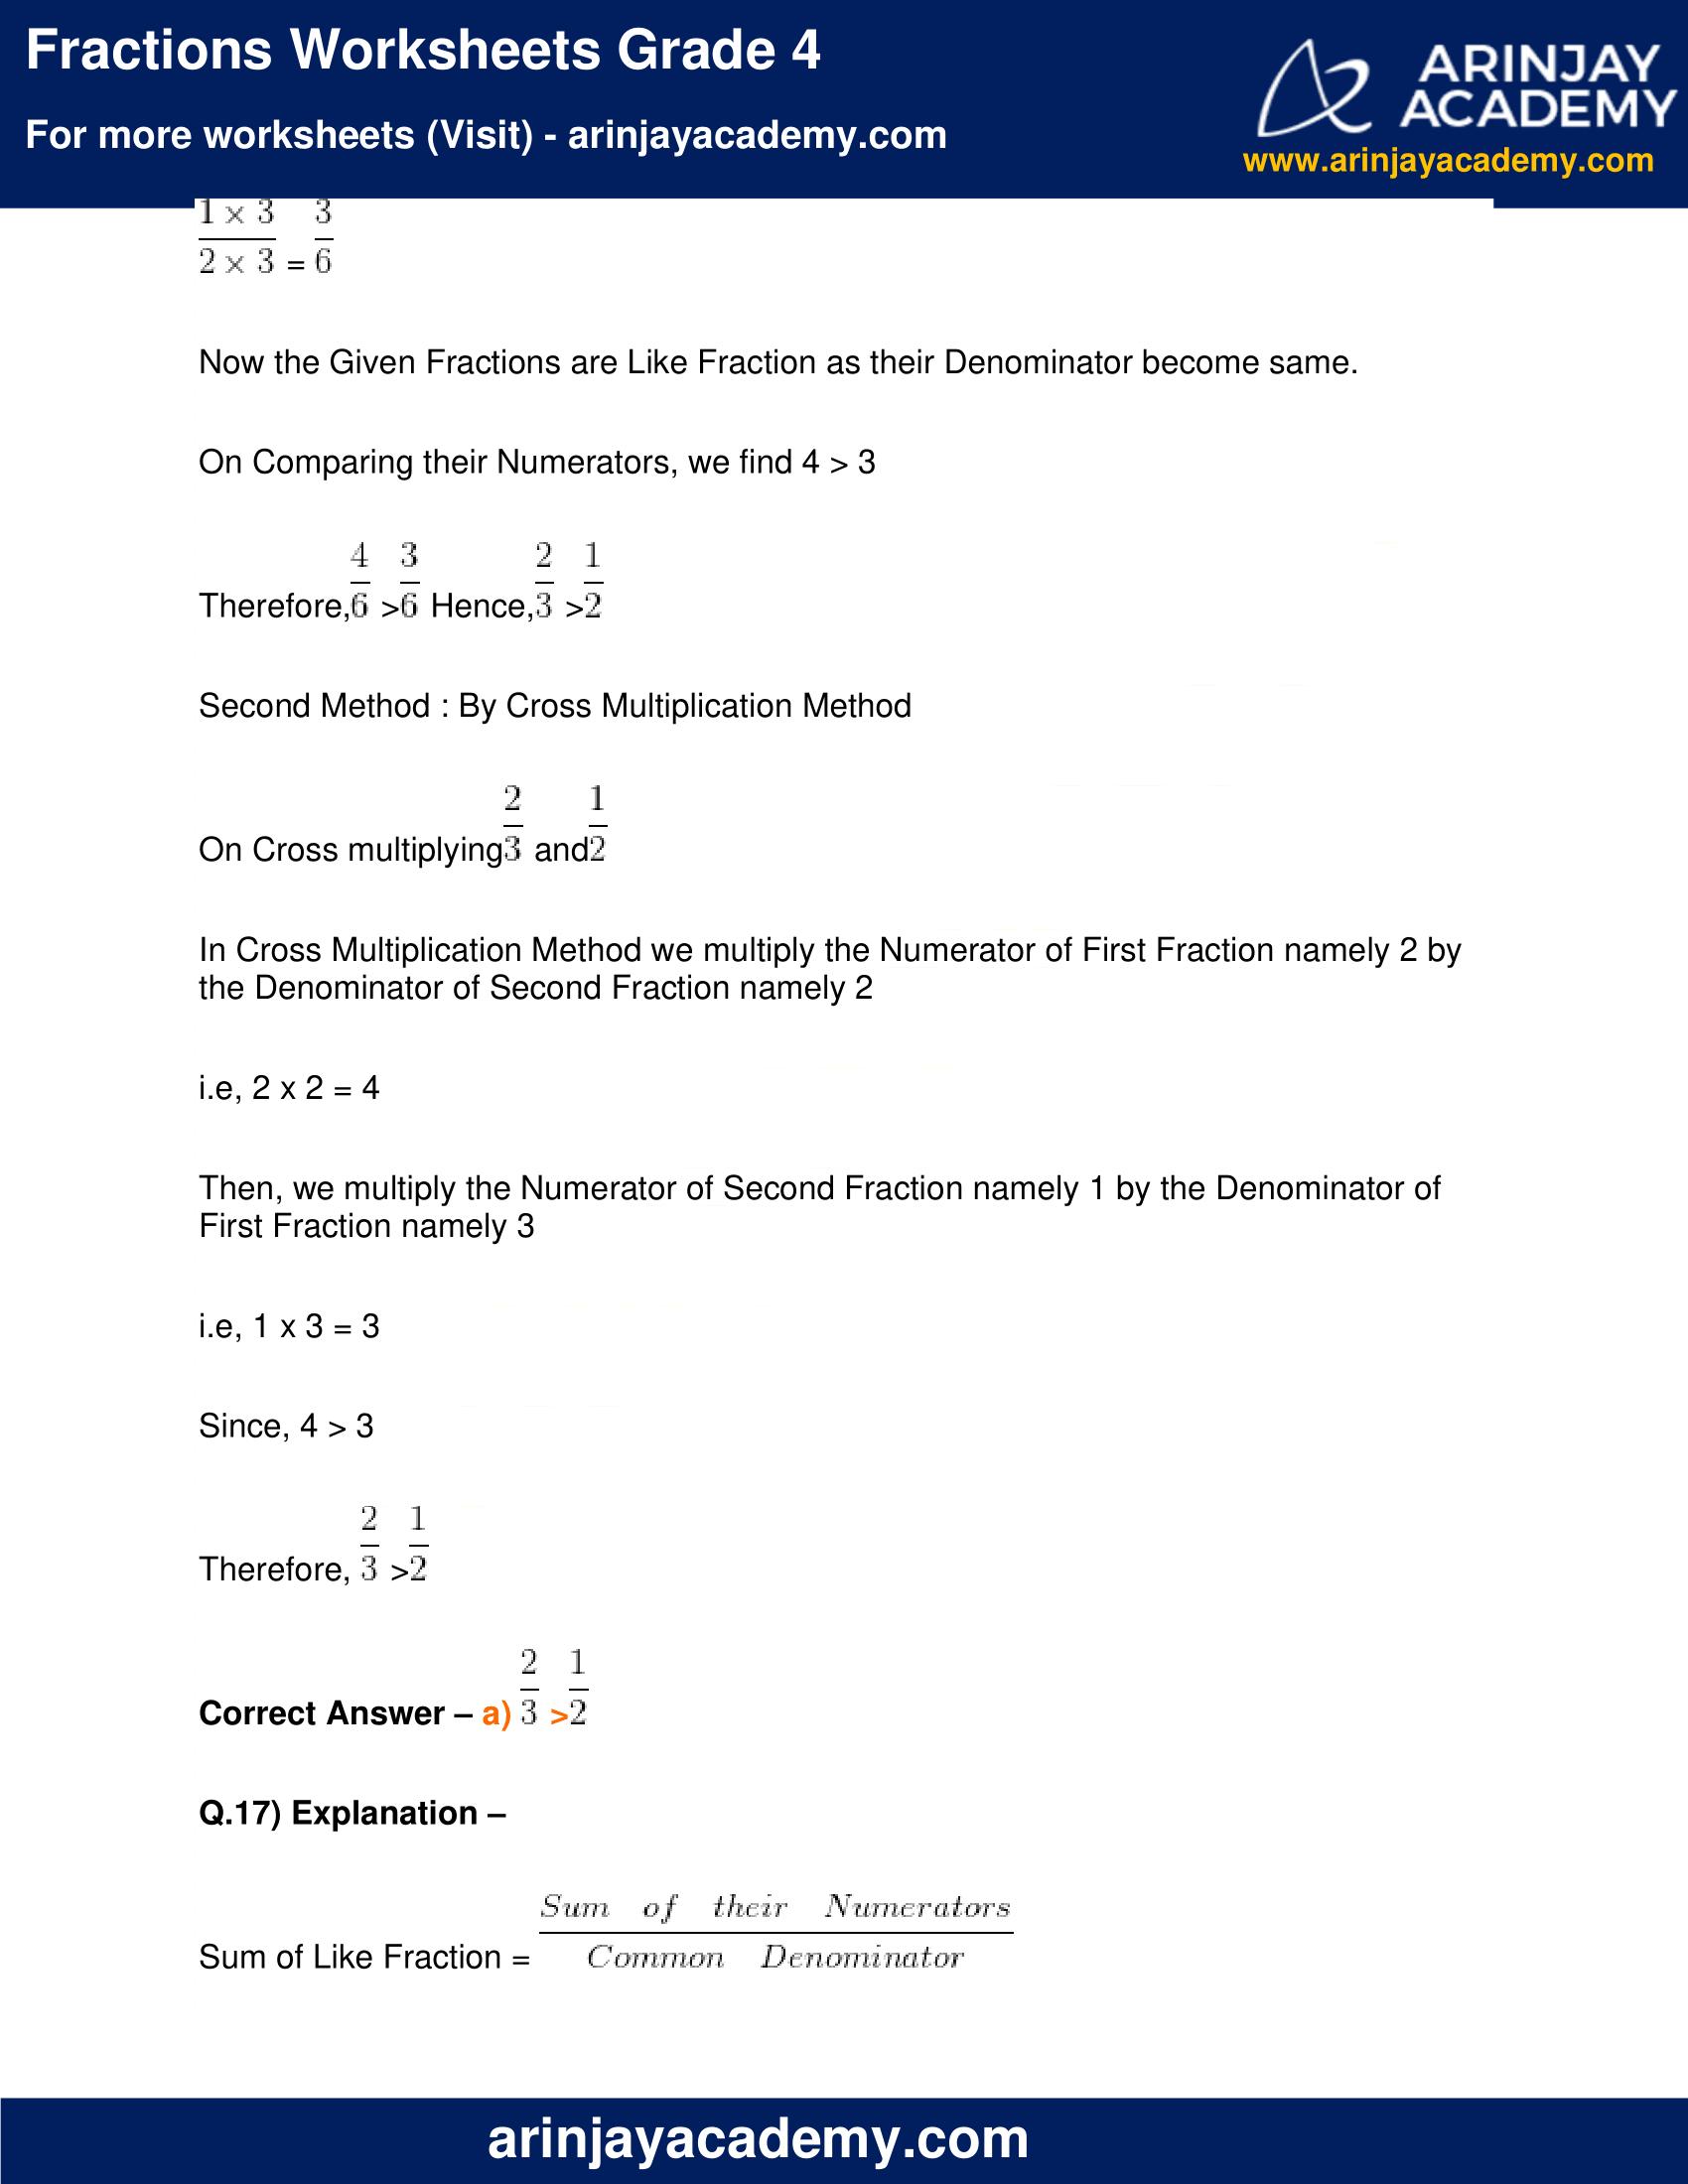 Fractions Worksheets Grade 4 image 15